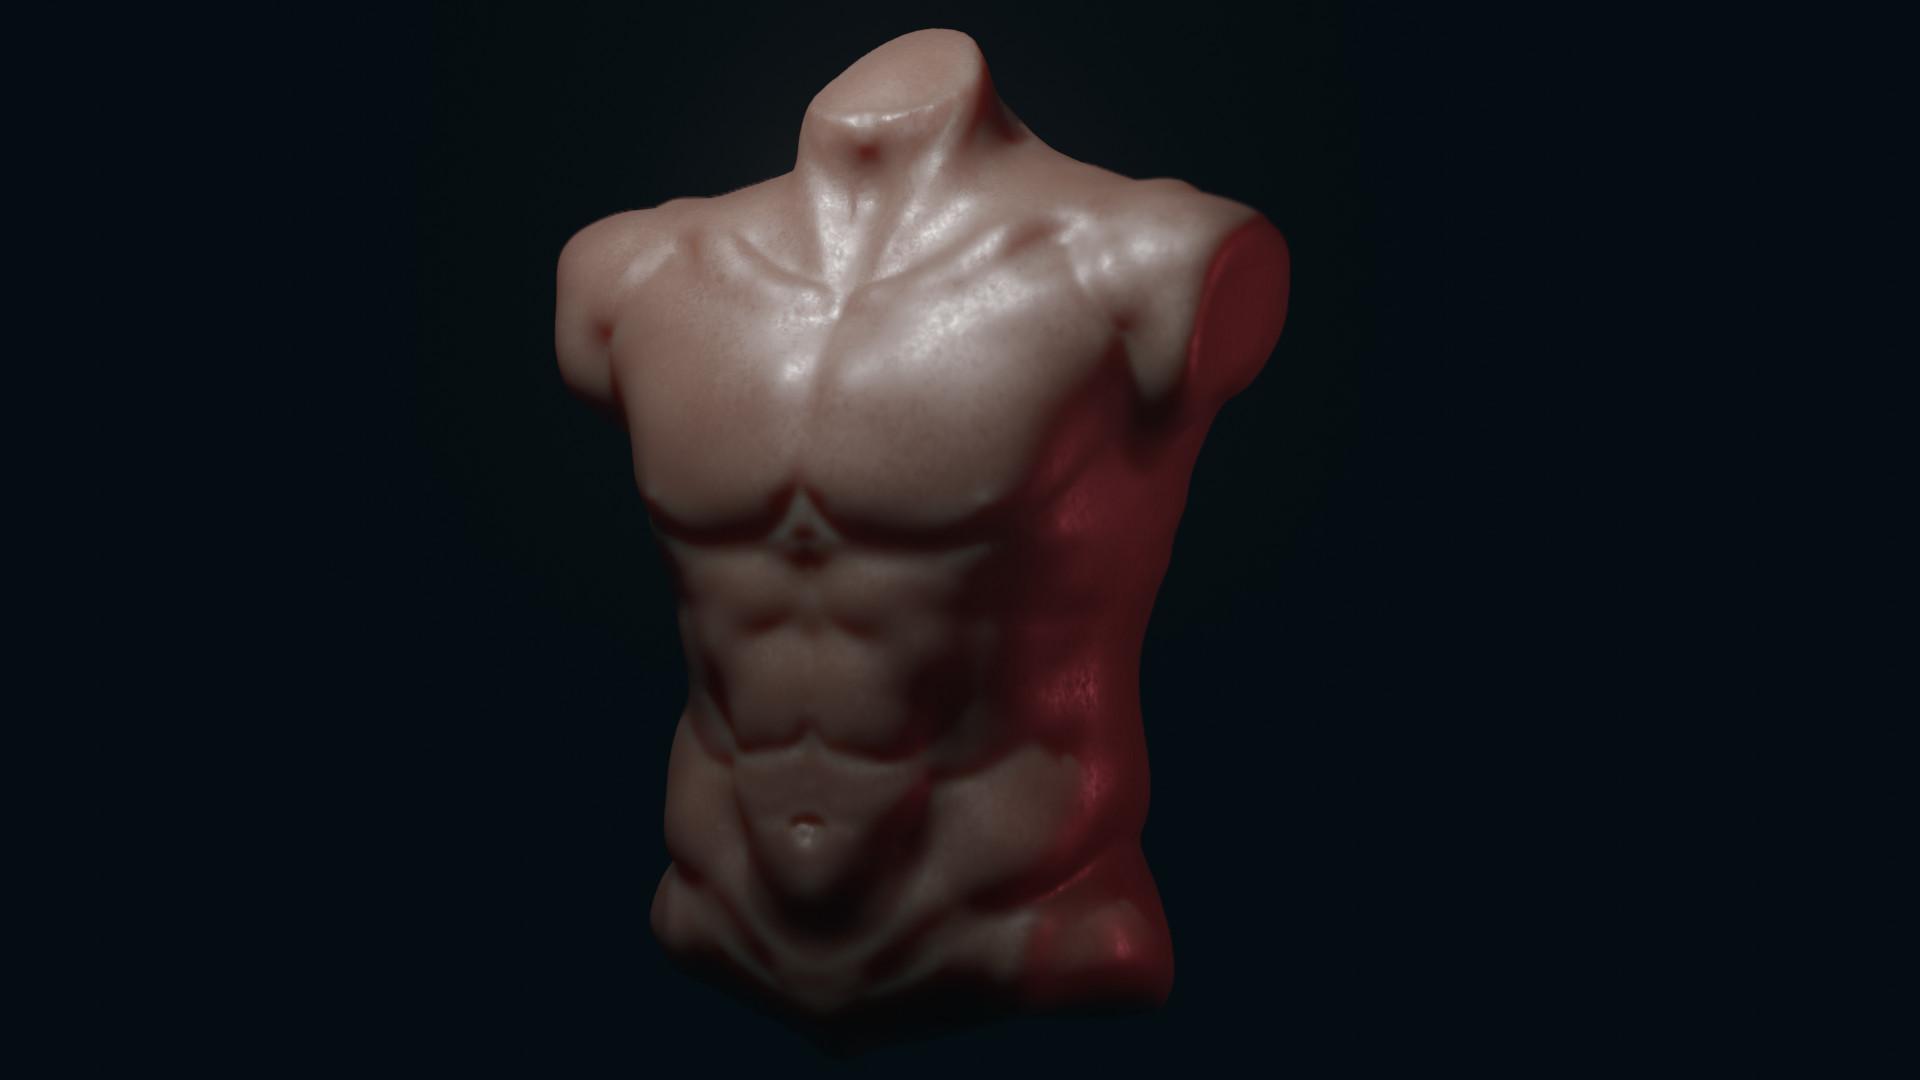 Laurent vermeersch chest